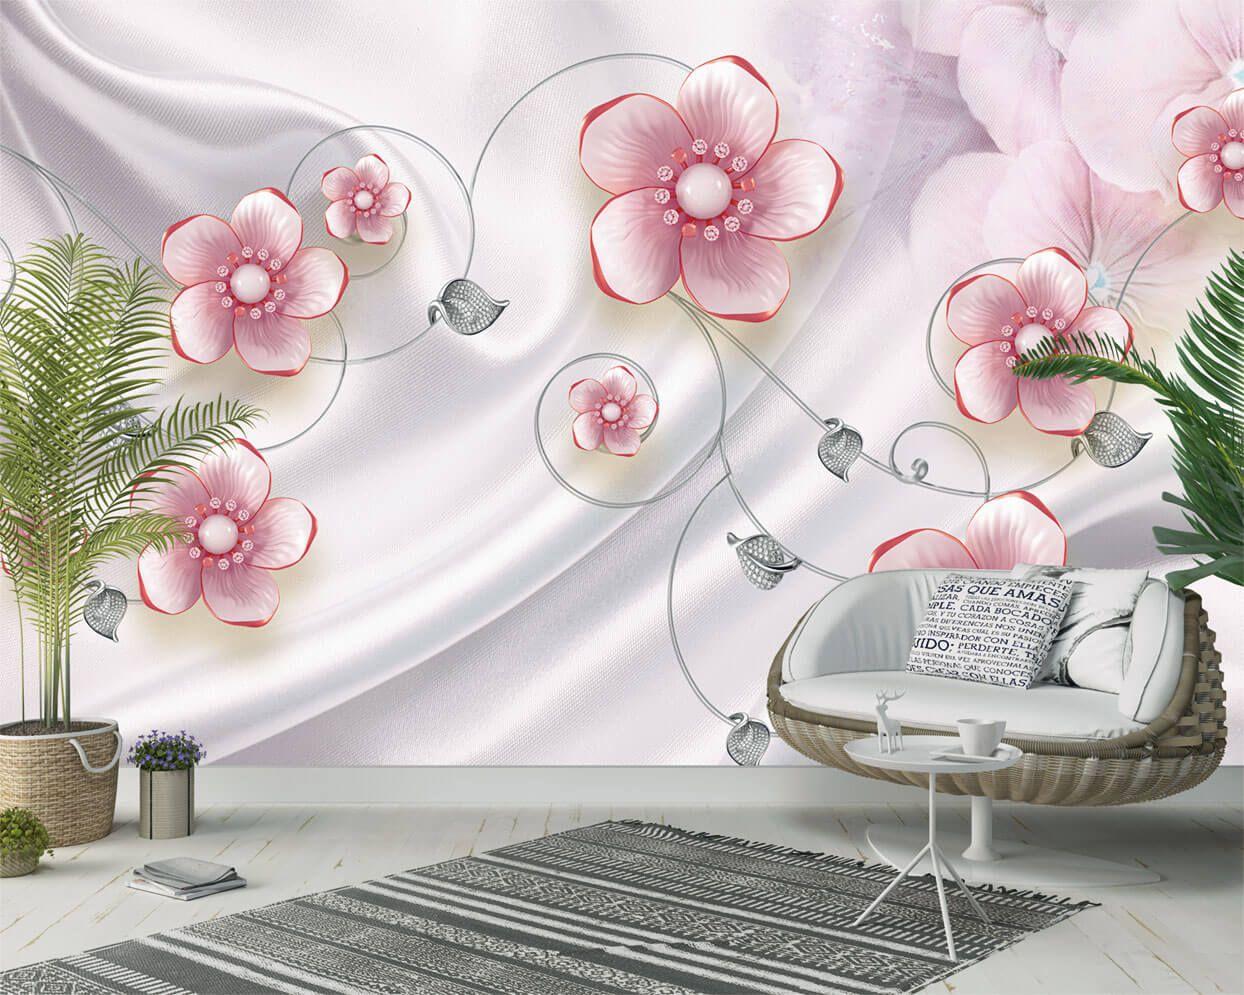 Brilliantovye Cvety Na Nezhnom Shelke Bolshoj Katalog 3d Fotooboev